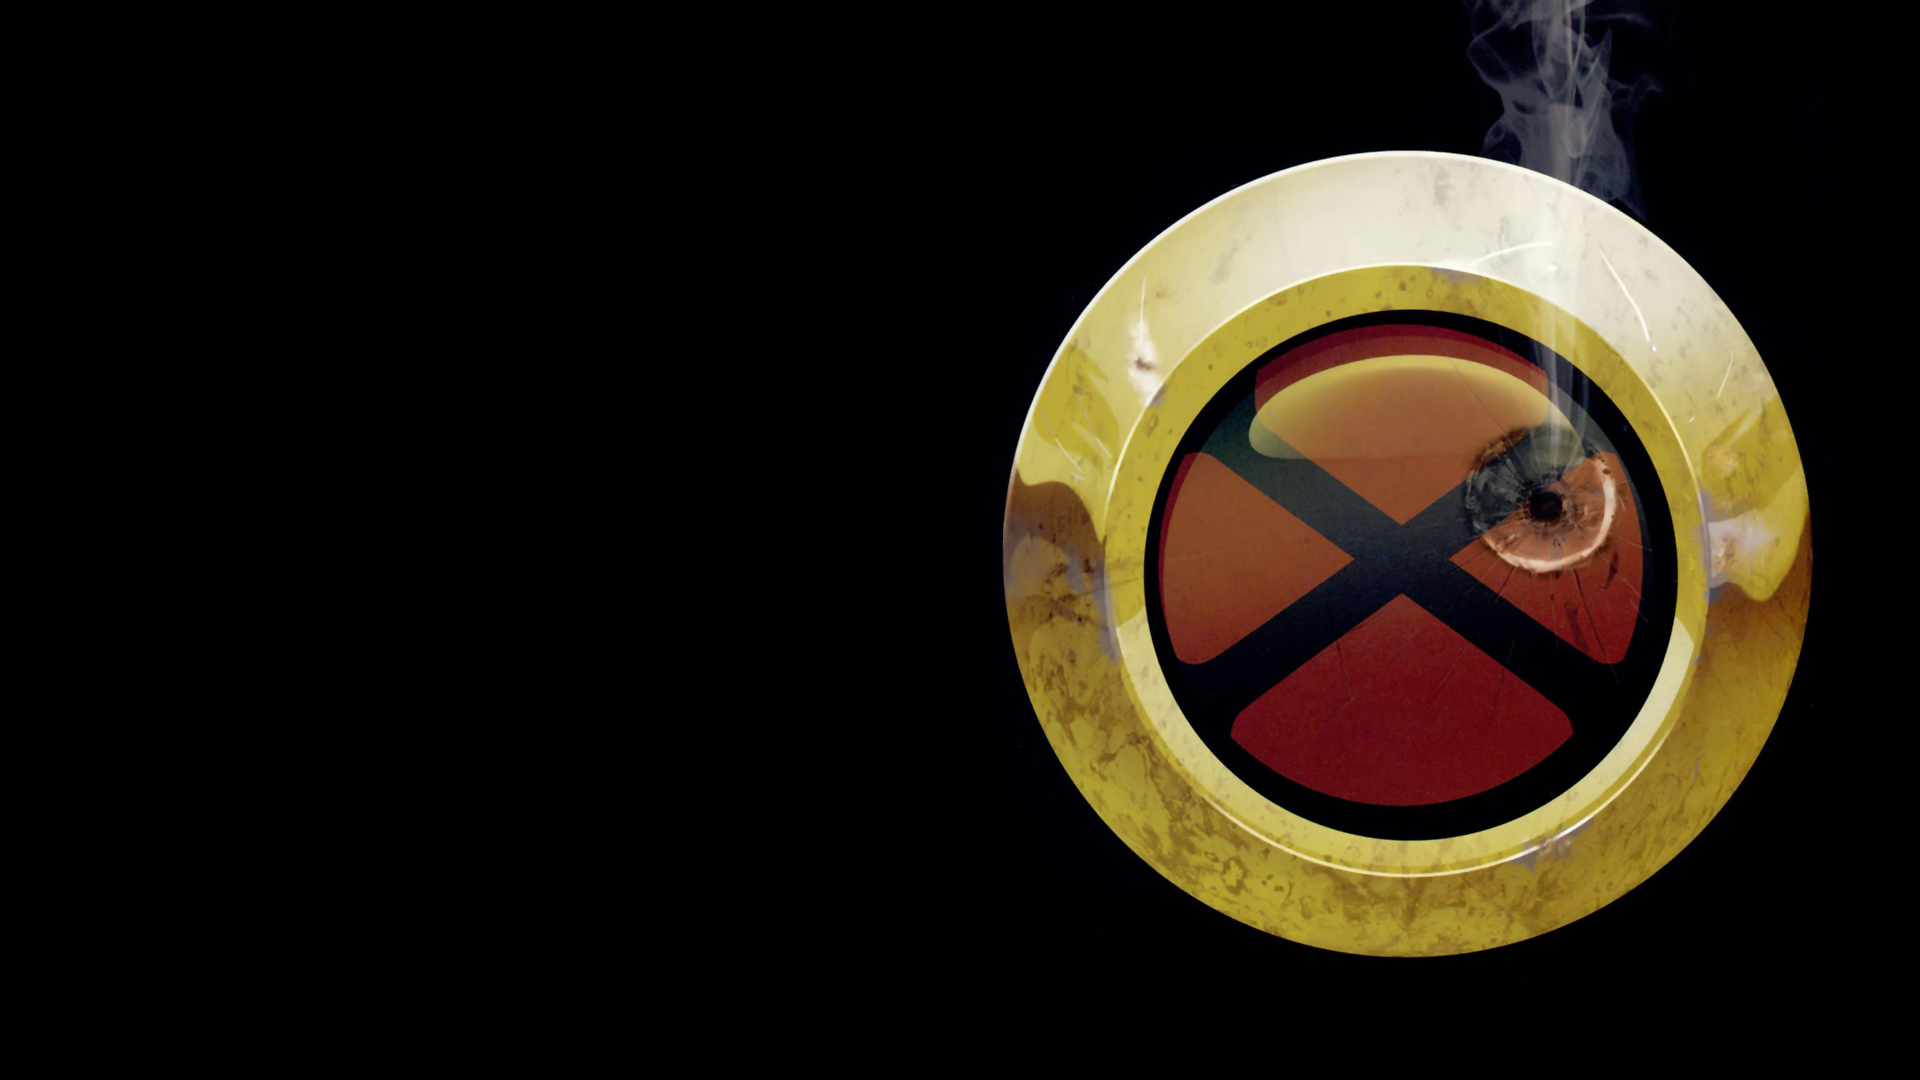 x men symbol wallpaper - photo #11